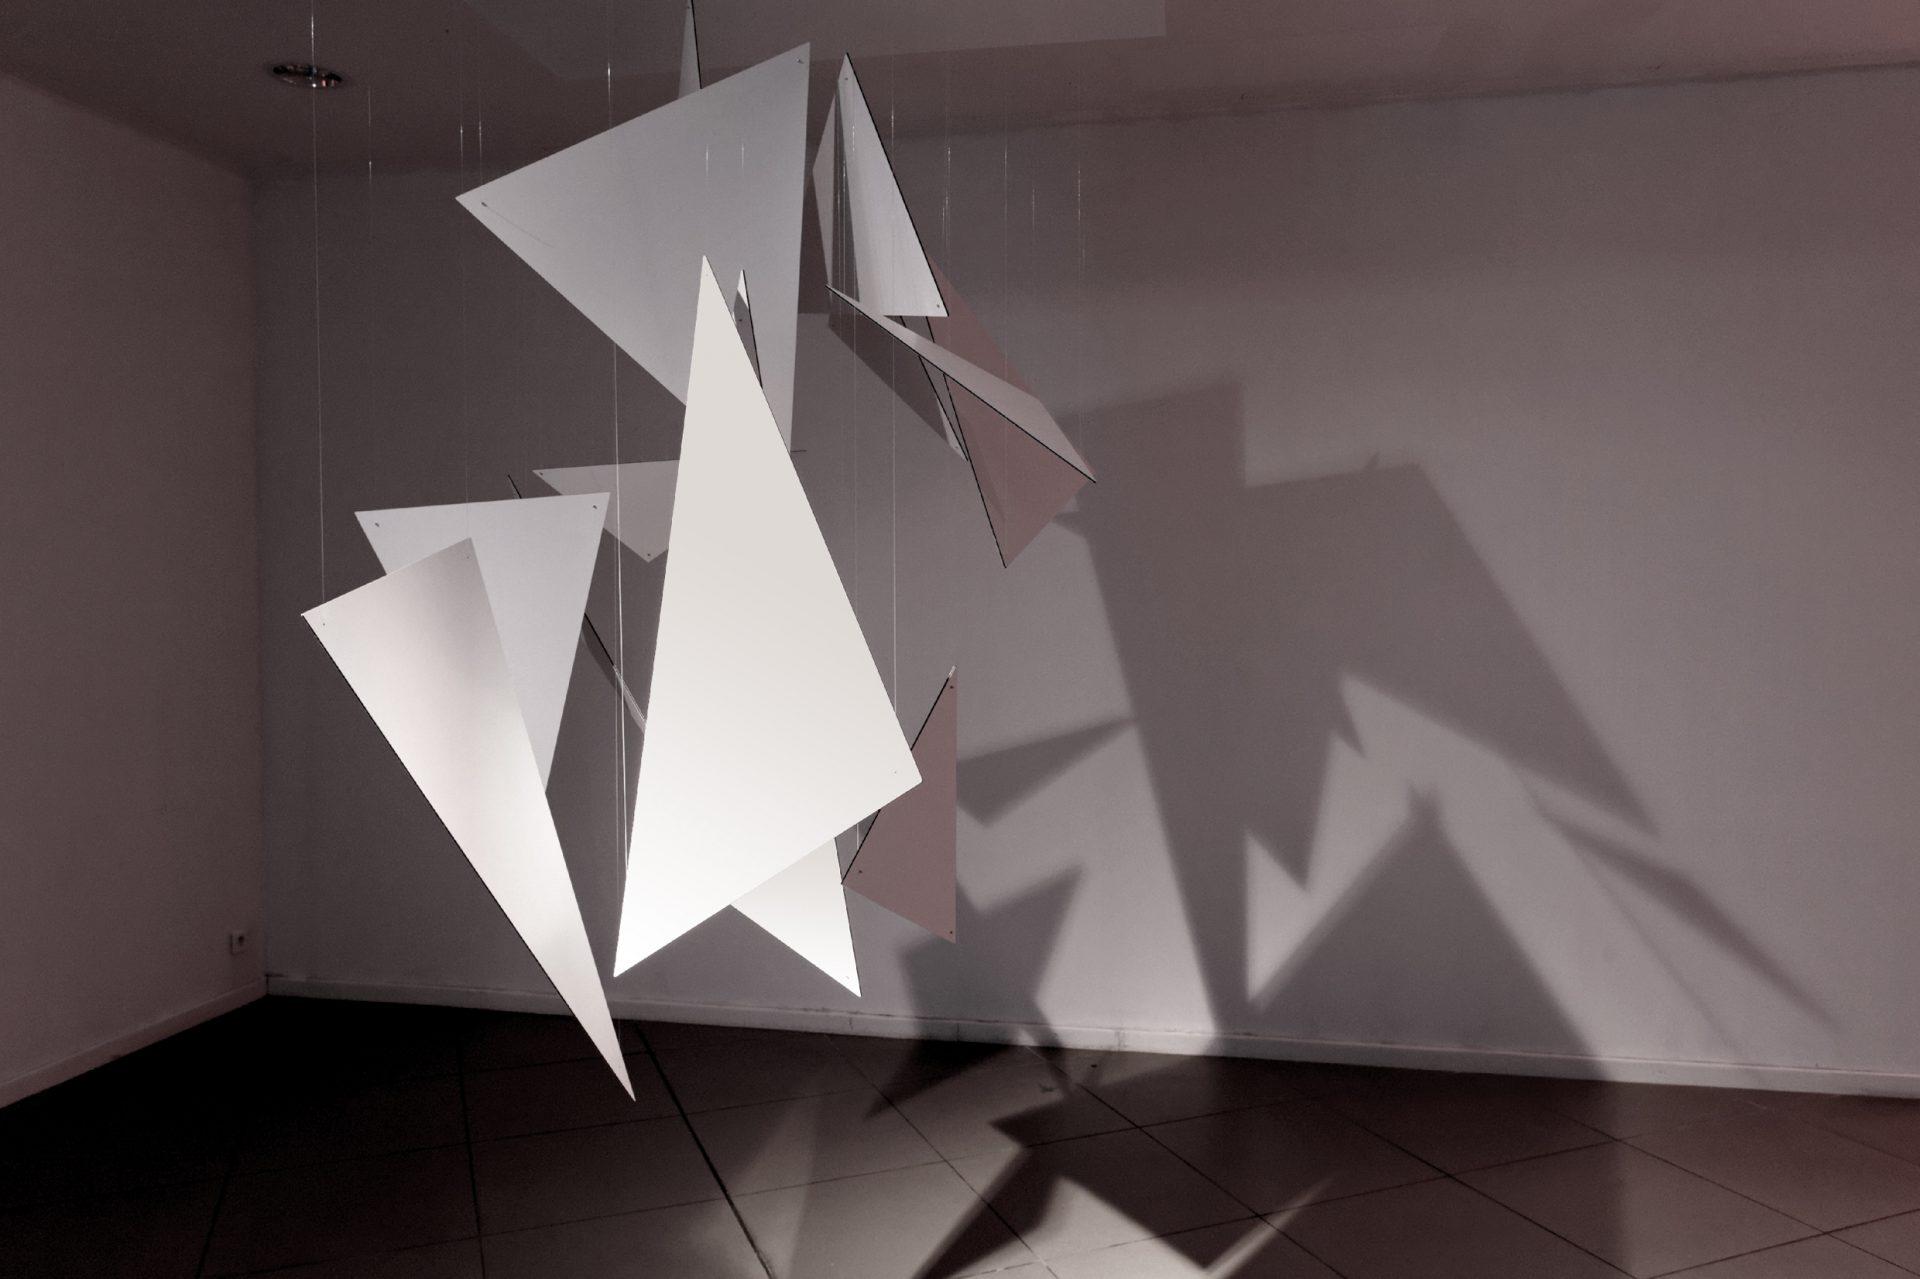 Shape, installation présentée lors de Vanishing Points, exposition monographique d'Olivier Ratsi à Marseille